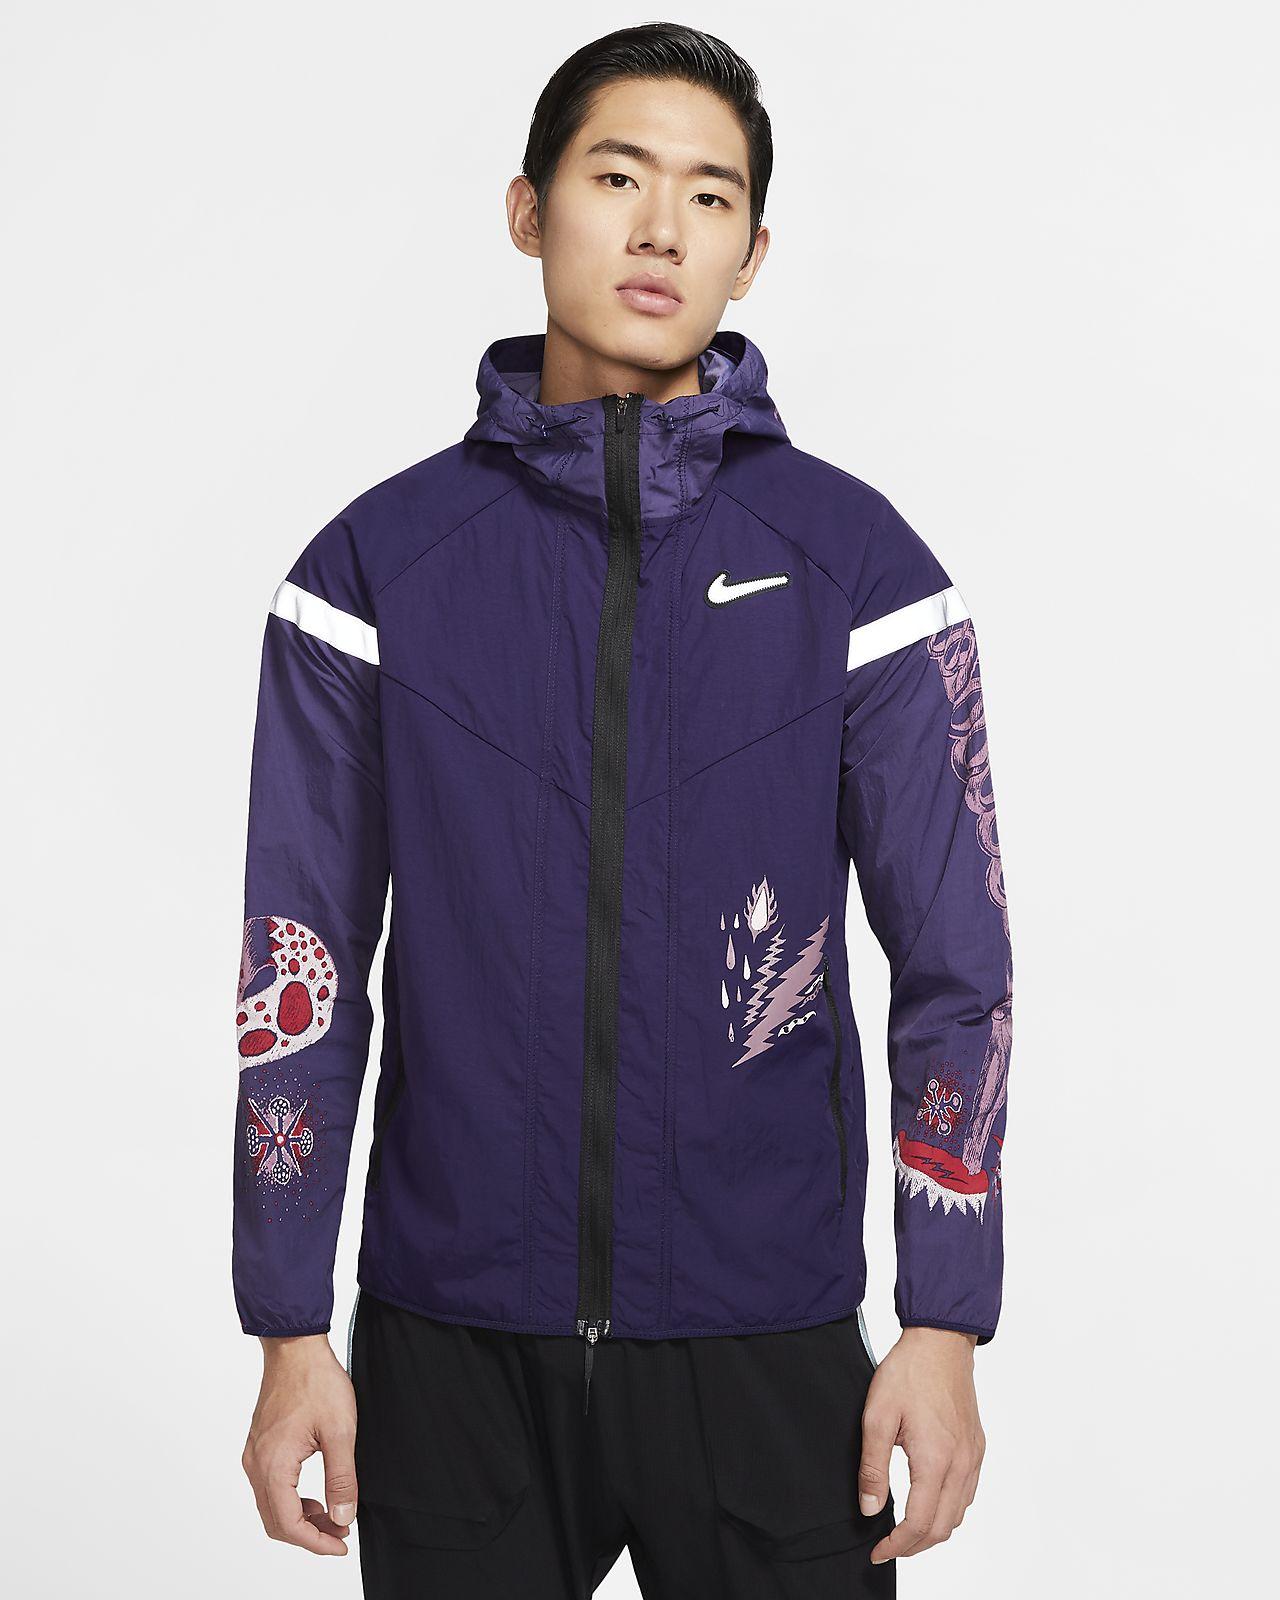 Nike Windrunner 男子跑步夹克